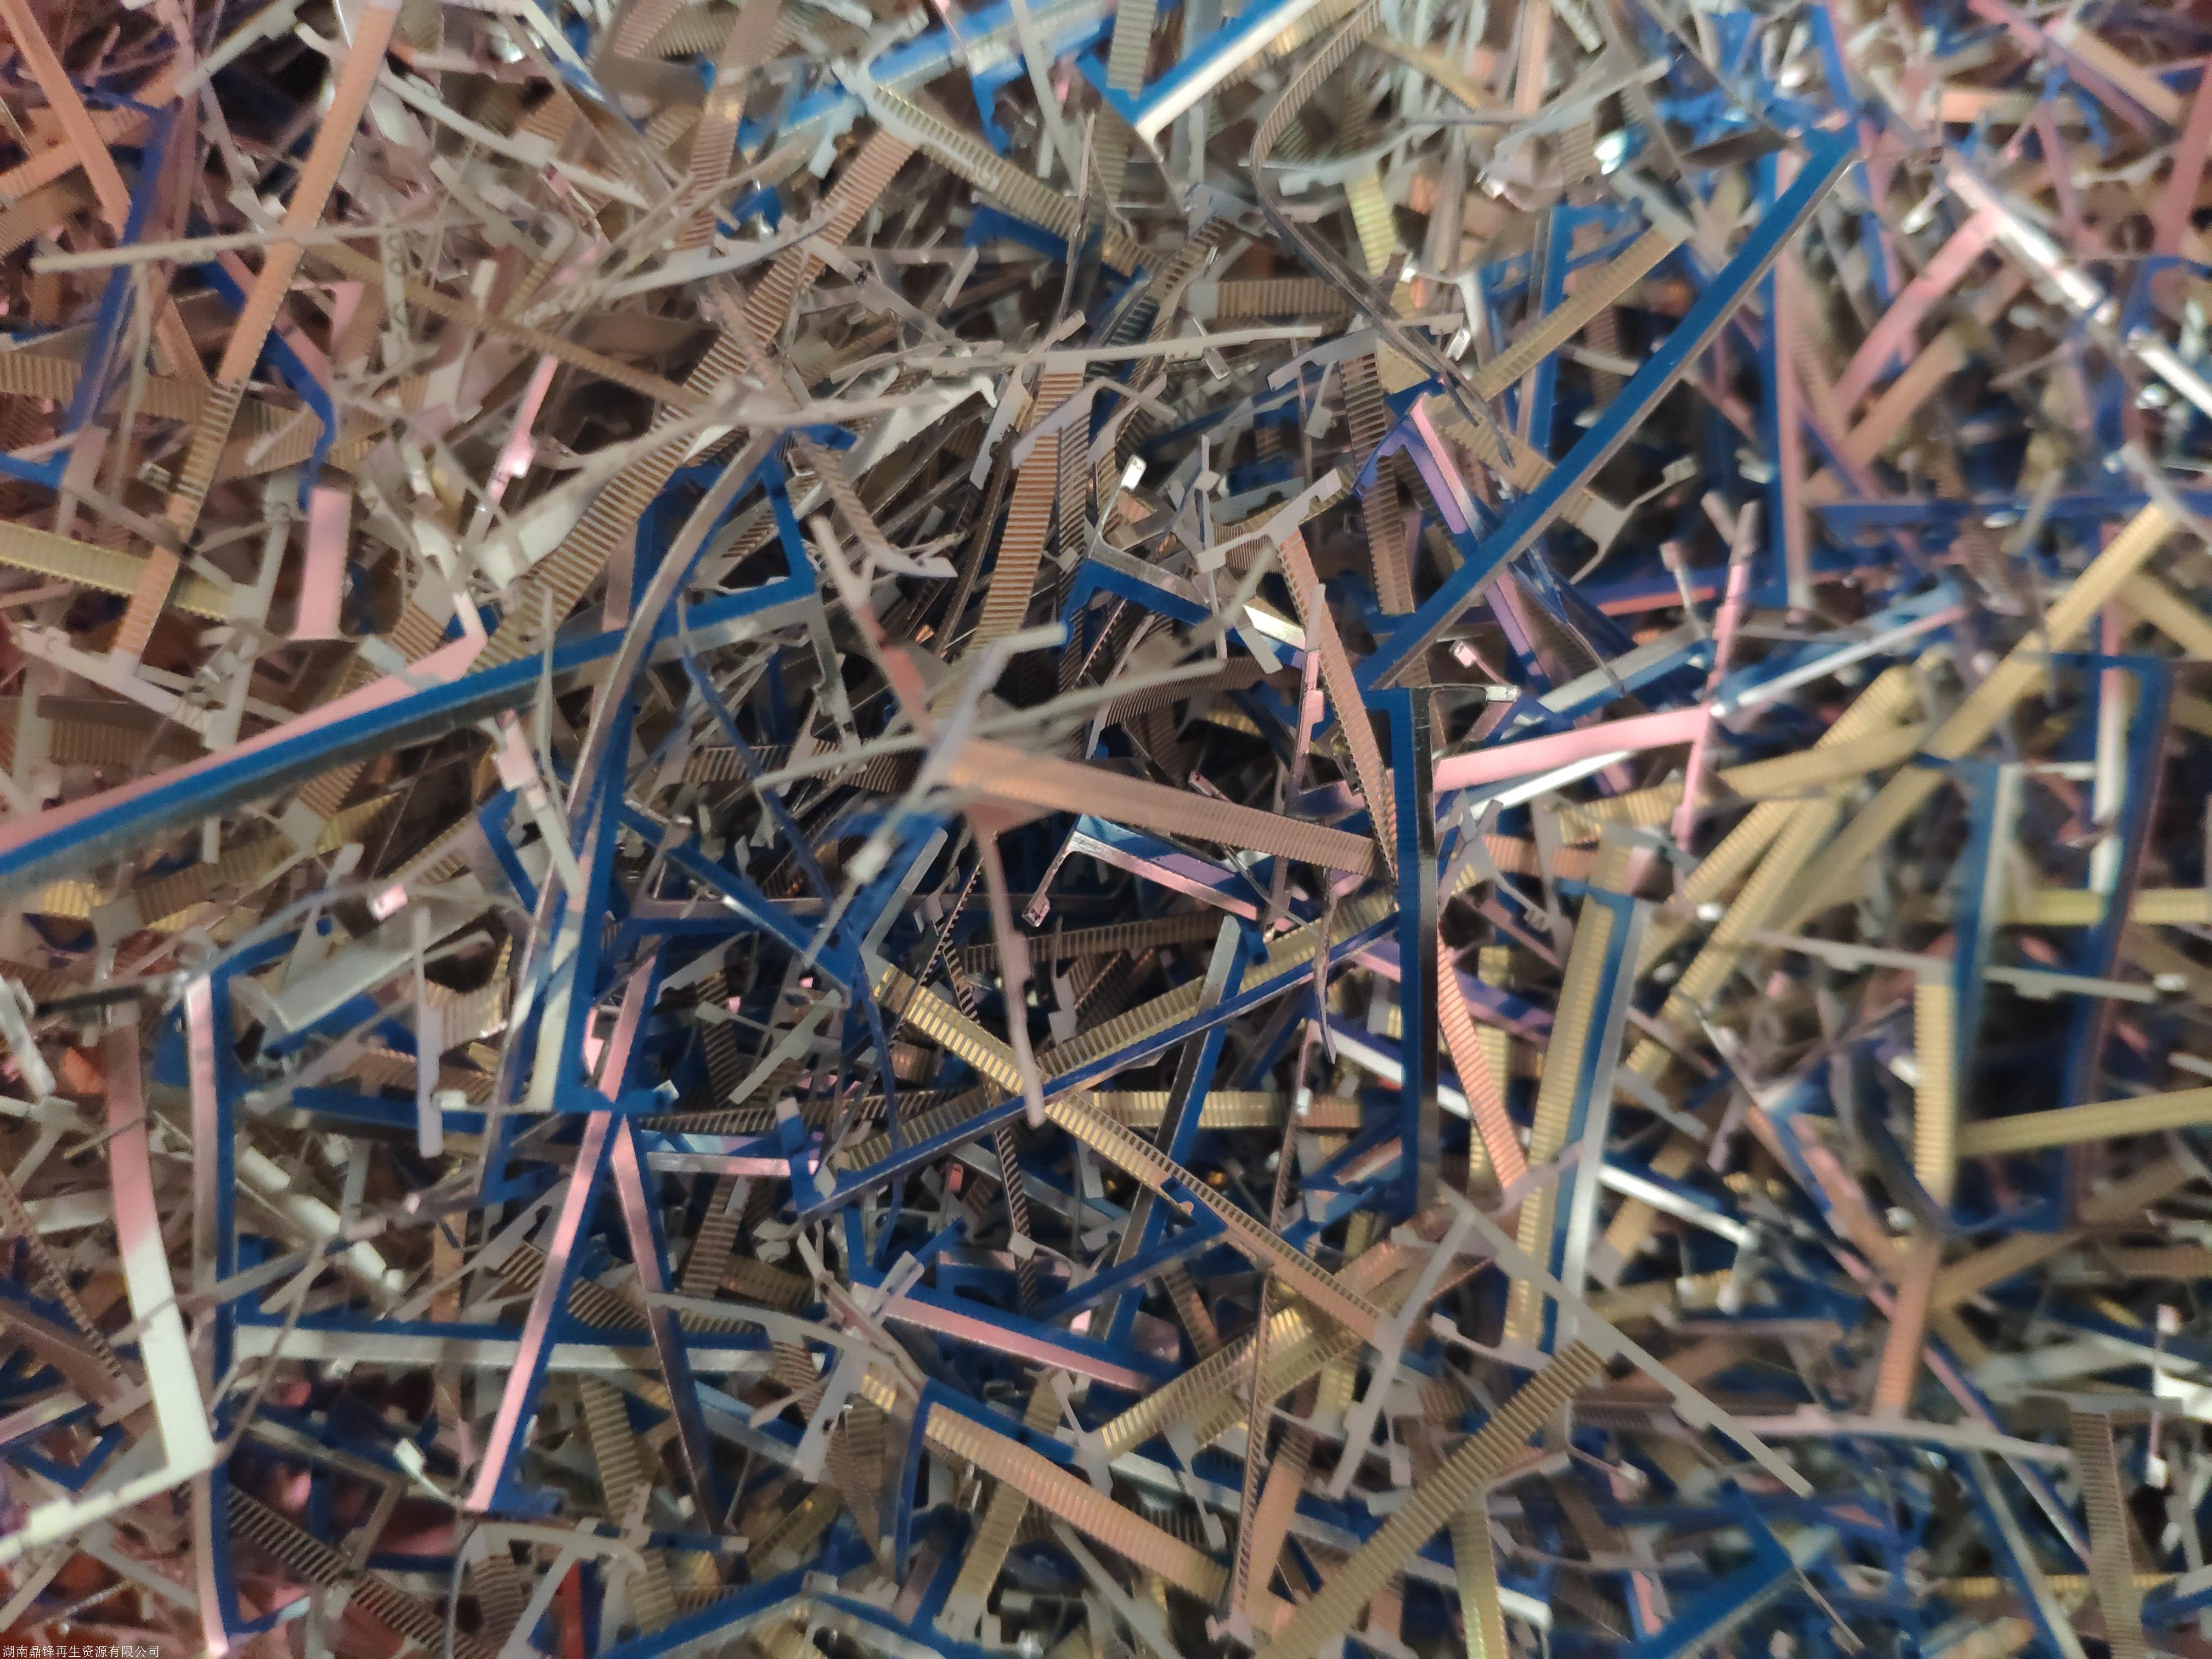 嘉定区镀金线路板回收 深圳重电镀金属回收